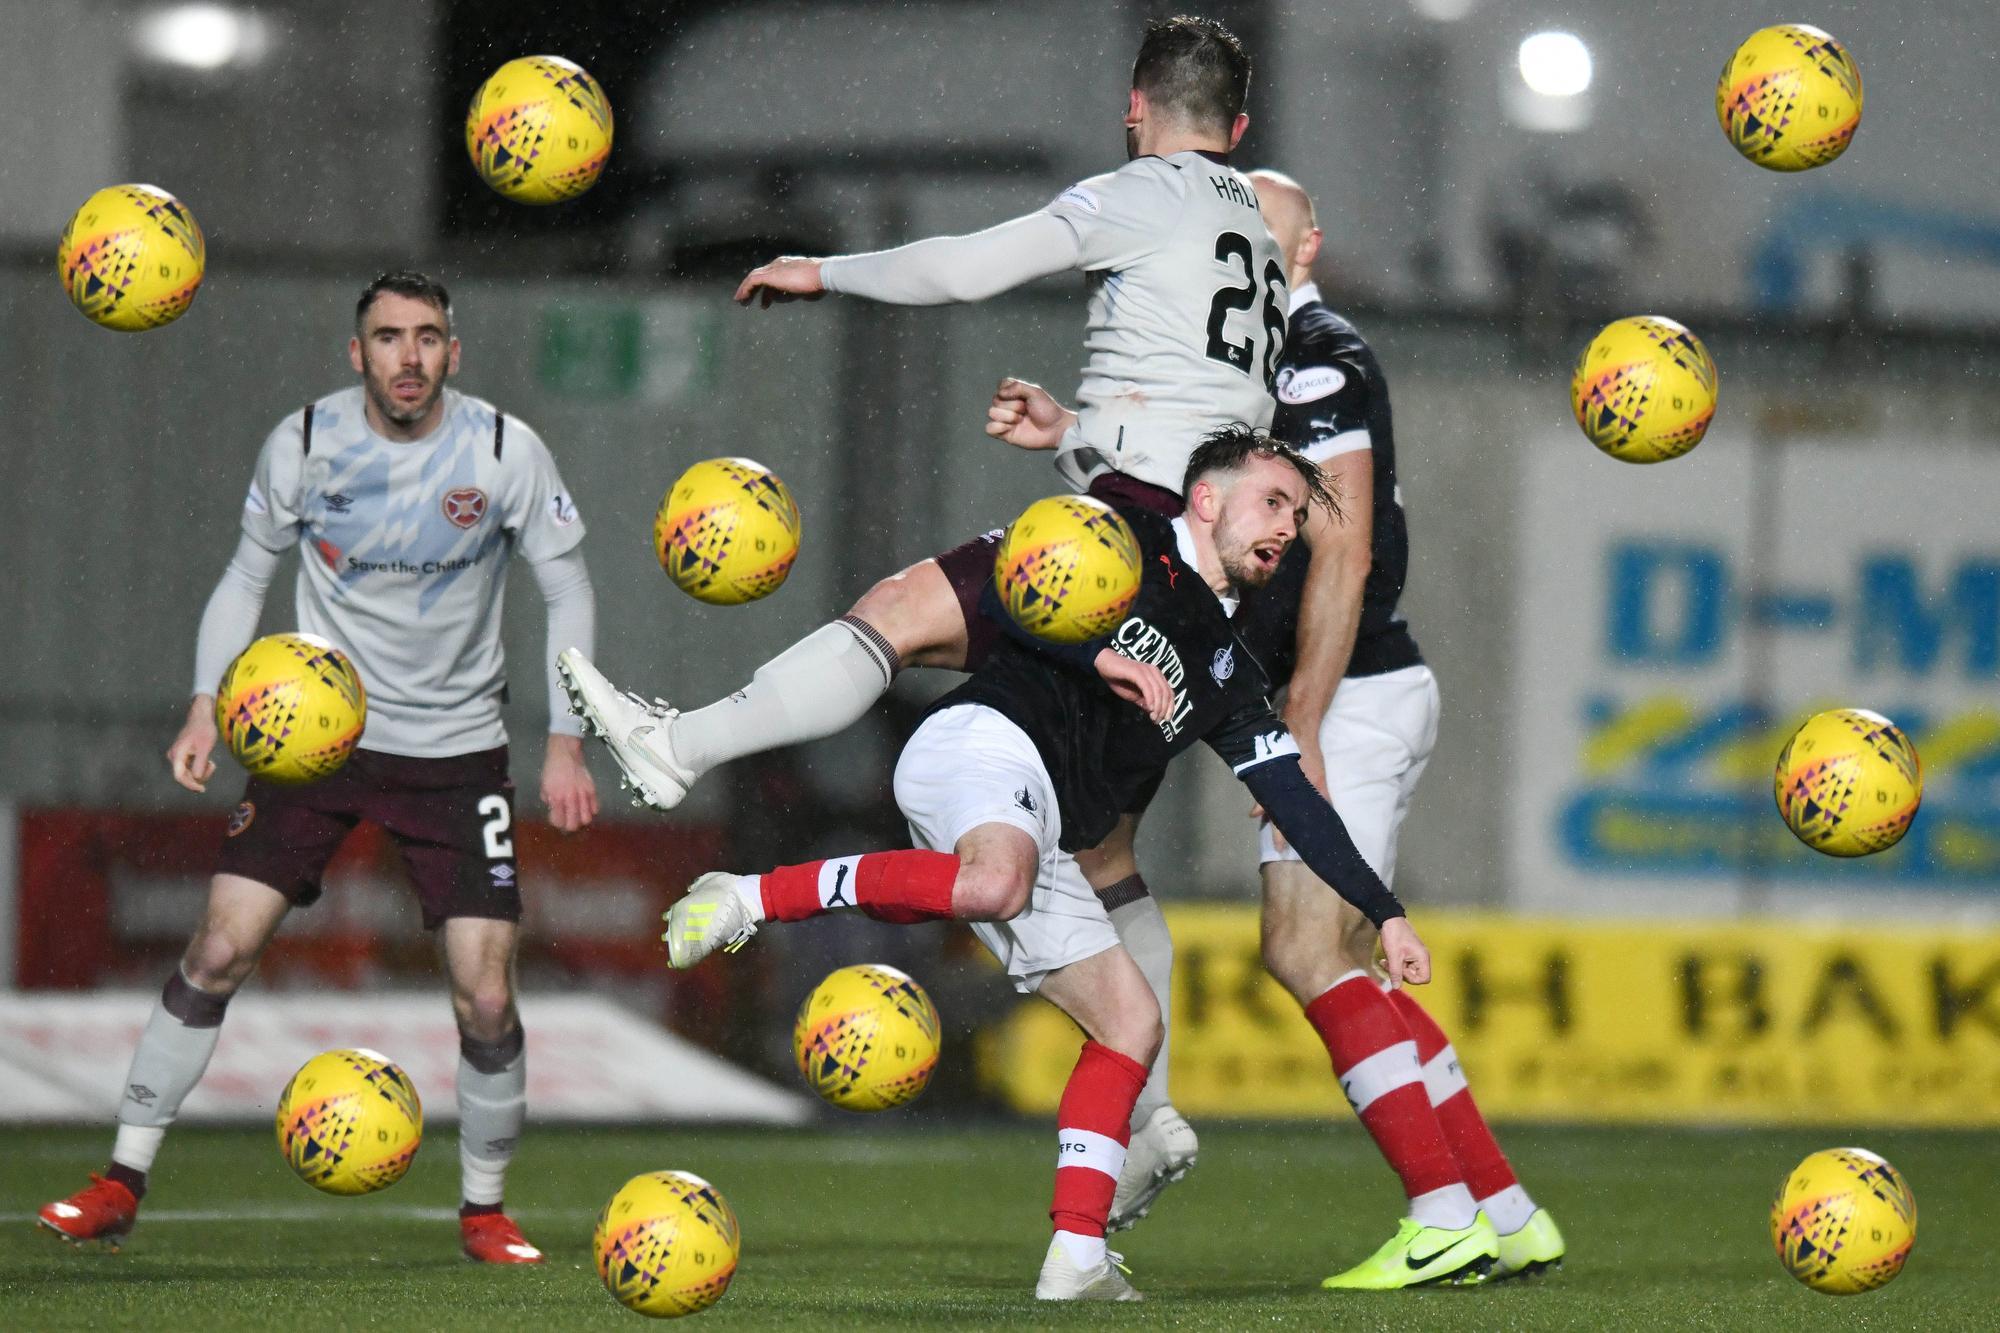 Falkirk fc vs livingston bettingexpert football sport betting system review